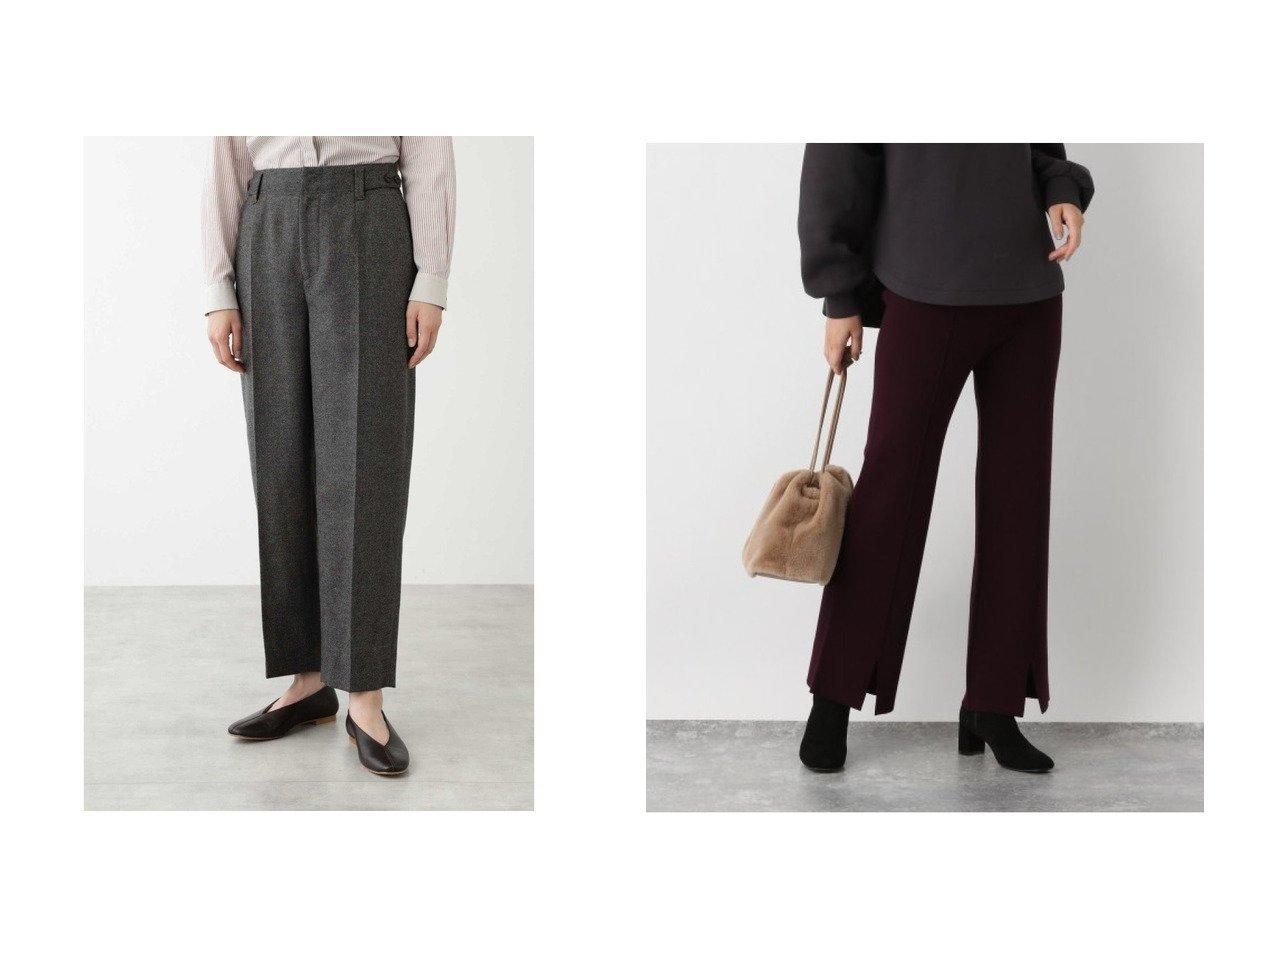 【GLOBAL WORK/グローバルワーク】のメルティニットスリットパンツ&【HUMAN WOMAN/ヒューマンウーマン】の撚り杢ツィードパンツ パンツのおすすめ!人気トレンド・レディースファッションの通販 おすすめで人気のファッション通販商品 インテリア・家具・キッズファッション・メンズファッション・レディースファッション・服の通販 founy(ファニー) https://founy.com/ ファッション Fashion レディースファッション WOMEN パンツ Pants カットソー ジーンズ センター セーター ツィード テーパード 定番 スリット フィット フロント  ID:crp329100000007984